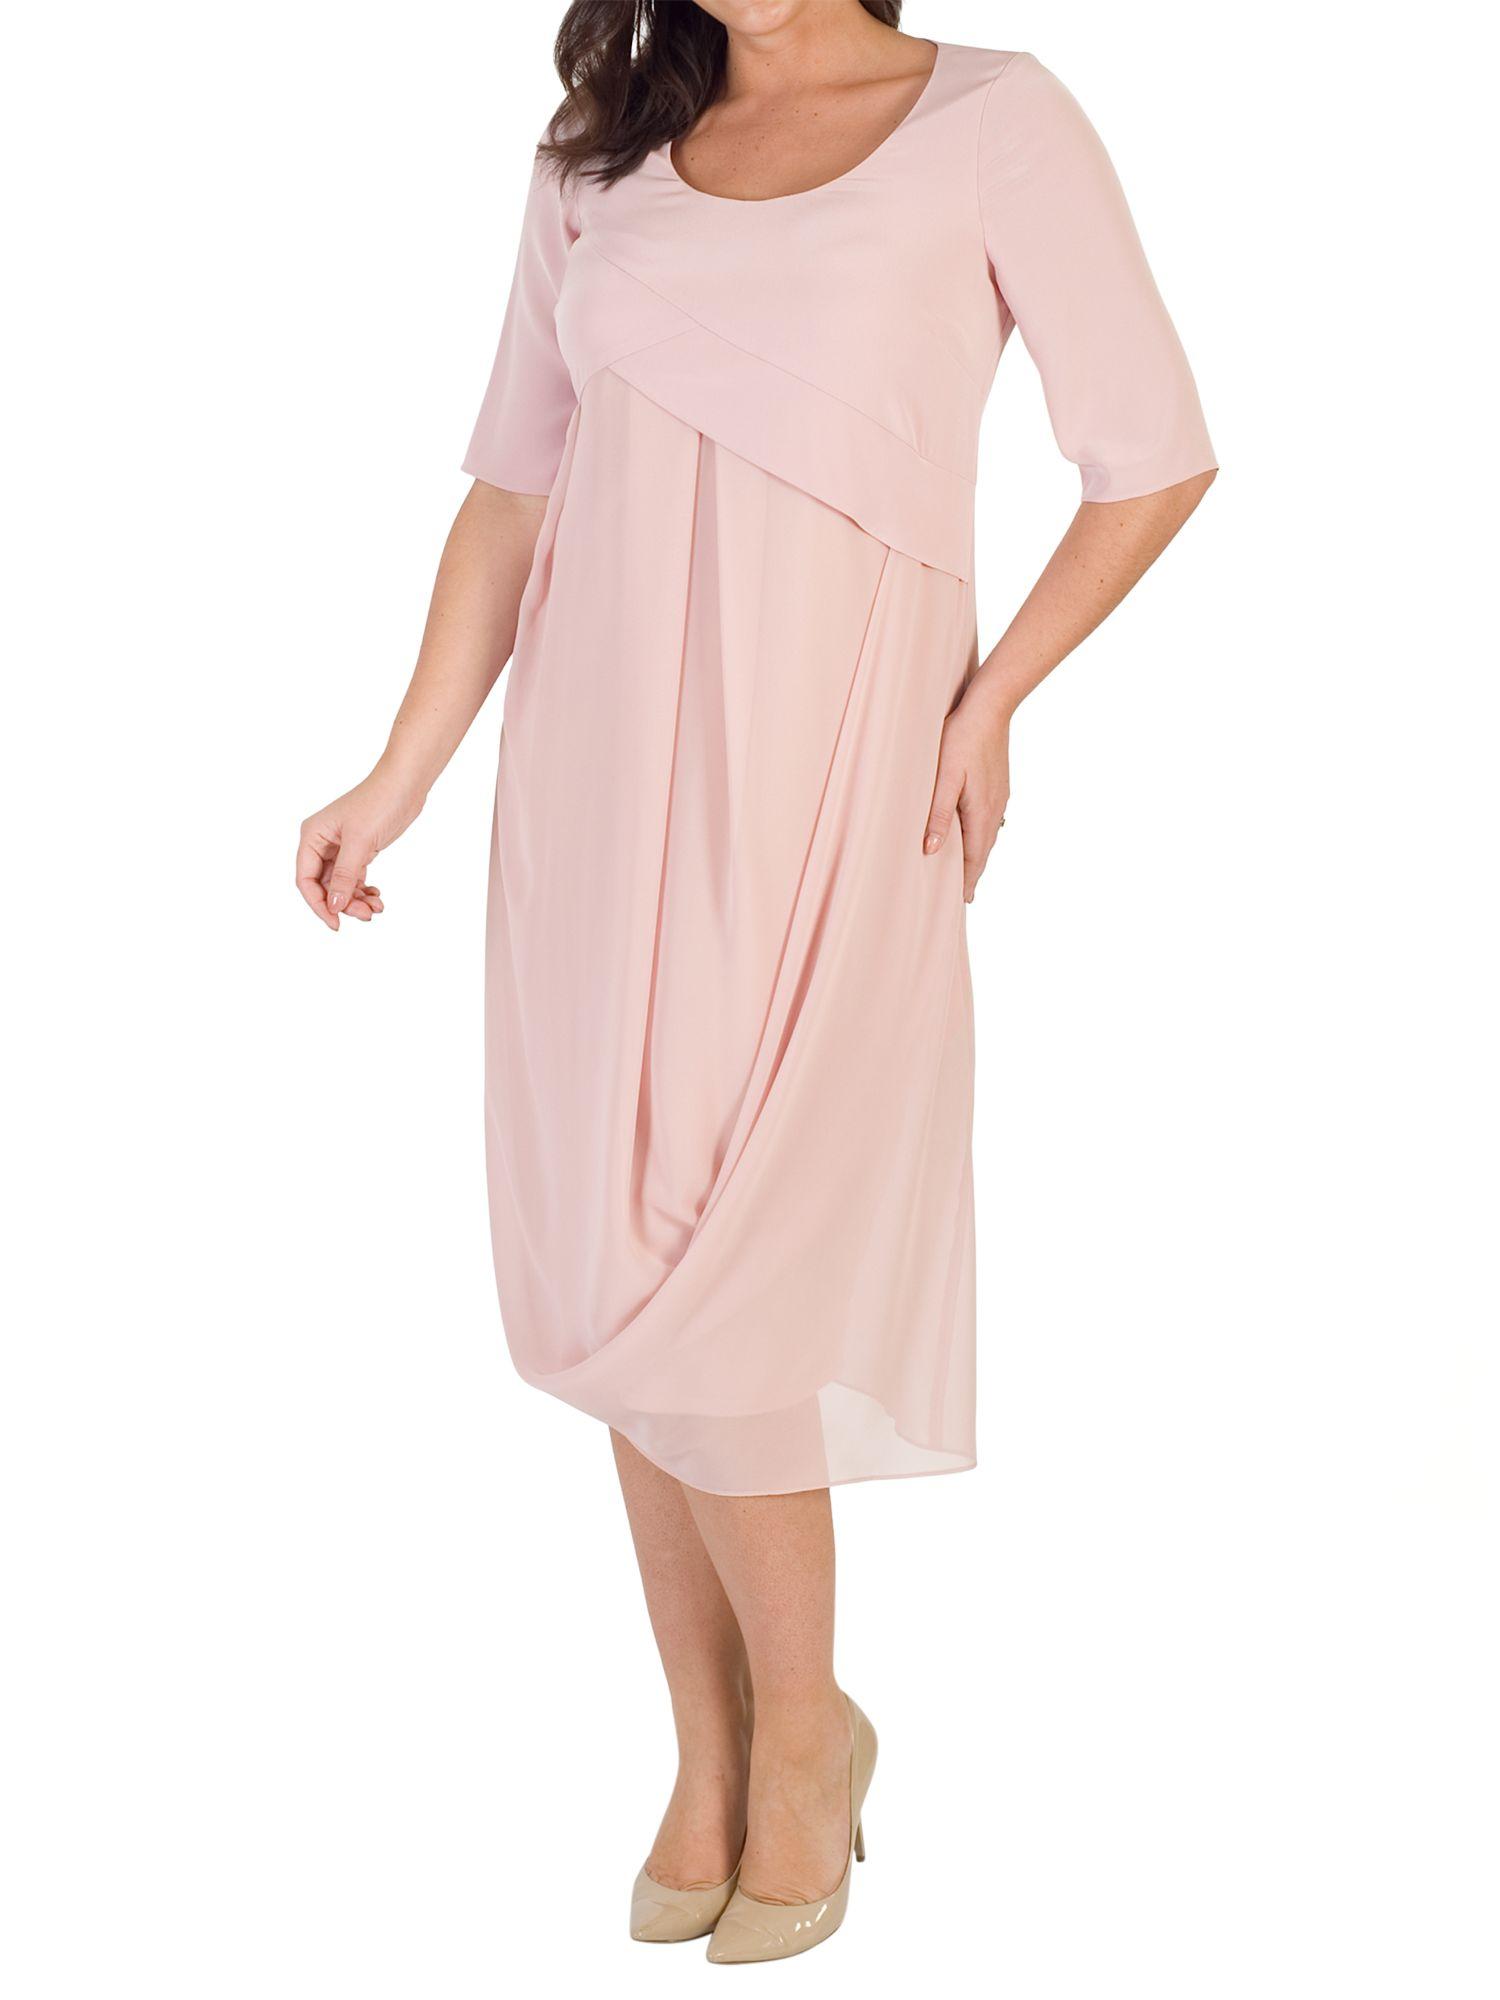 Chesca Chesca Crepe Bodice Chiffon Drape Dress, Powder Pink